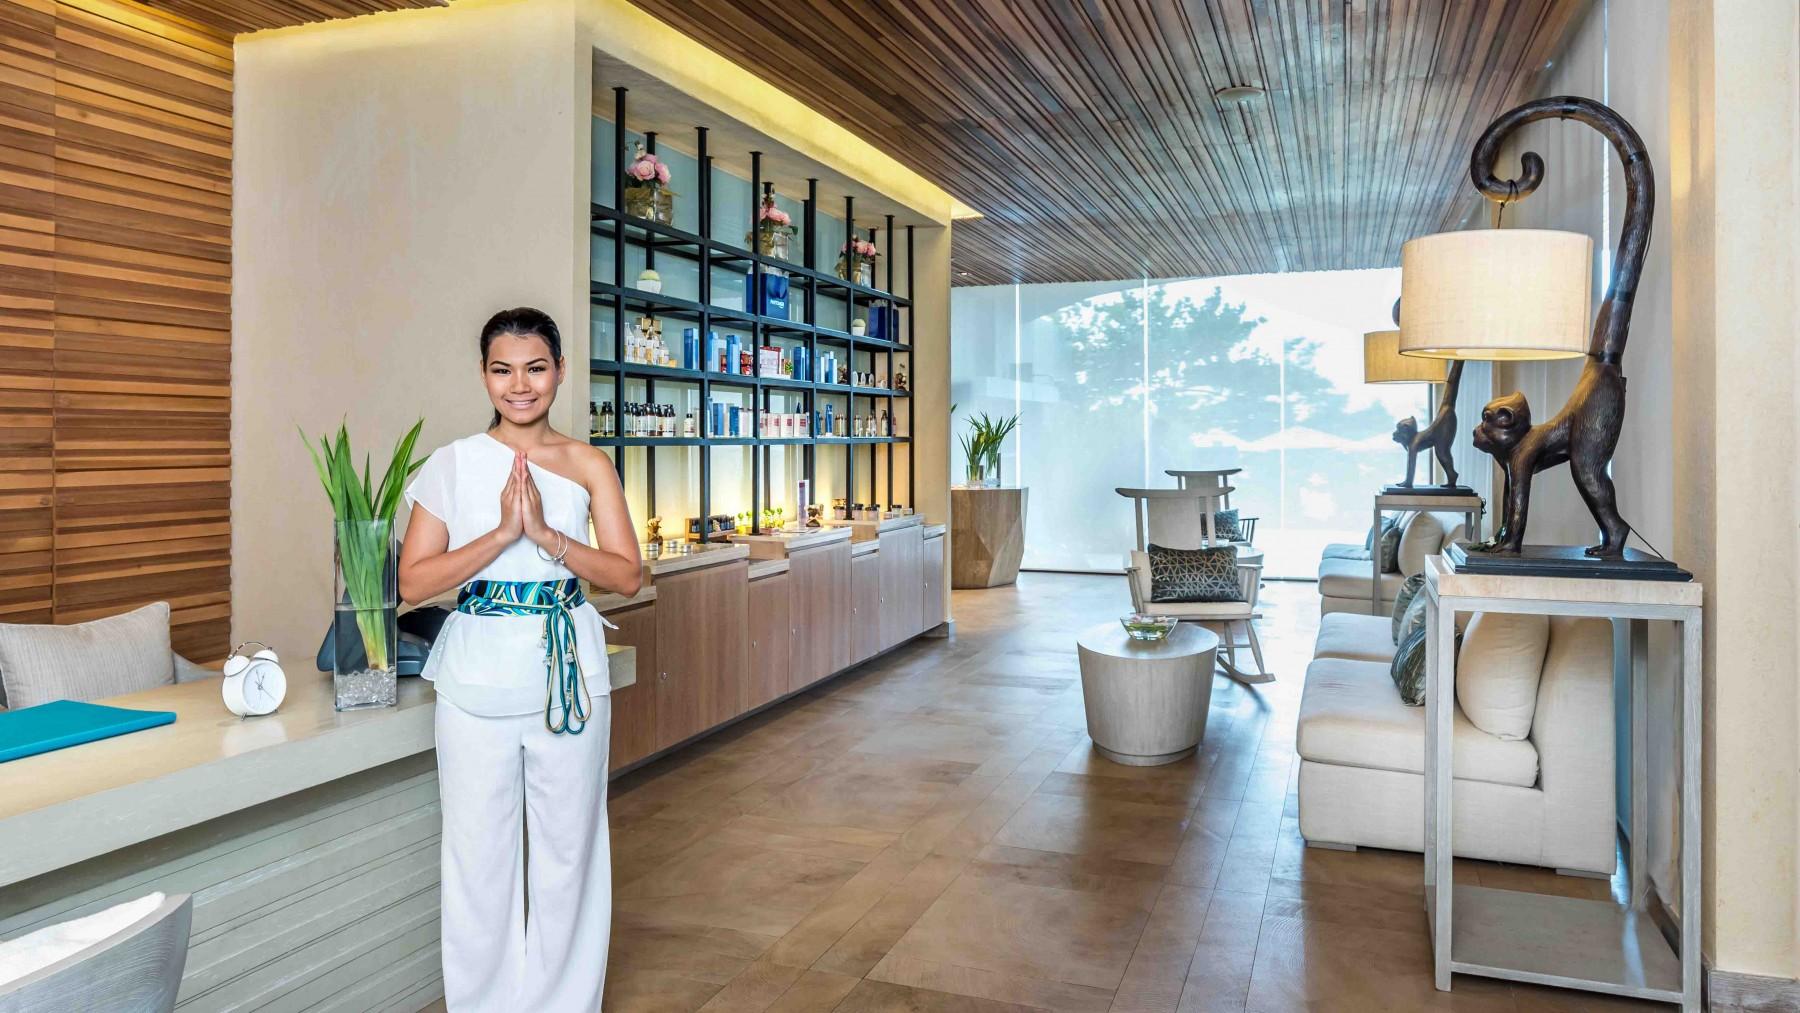 Phuket Spa Promotion